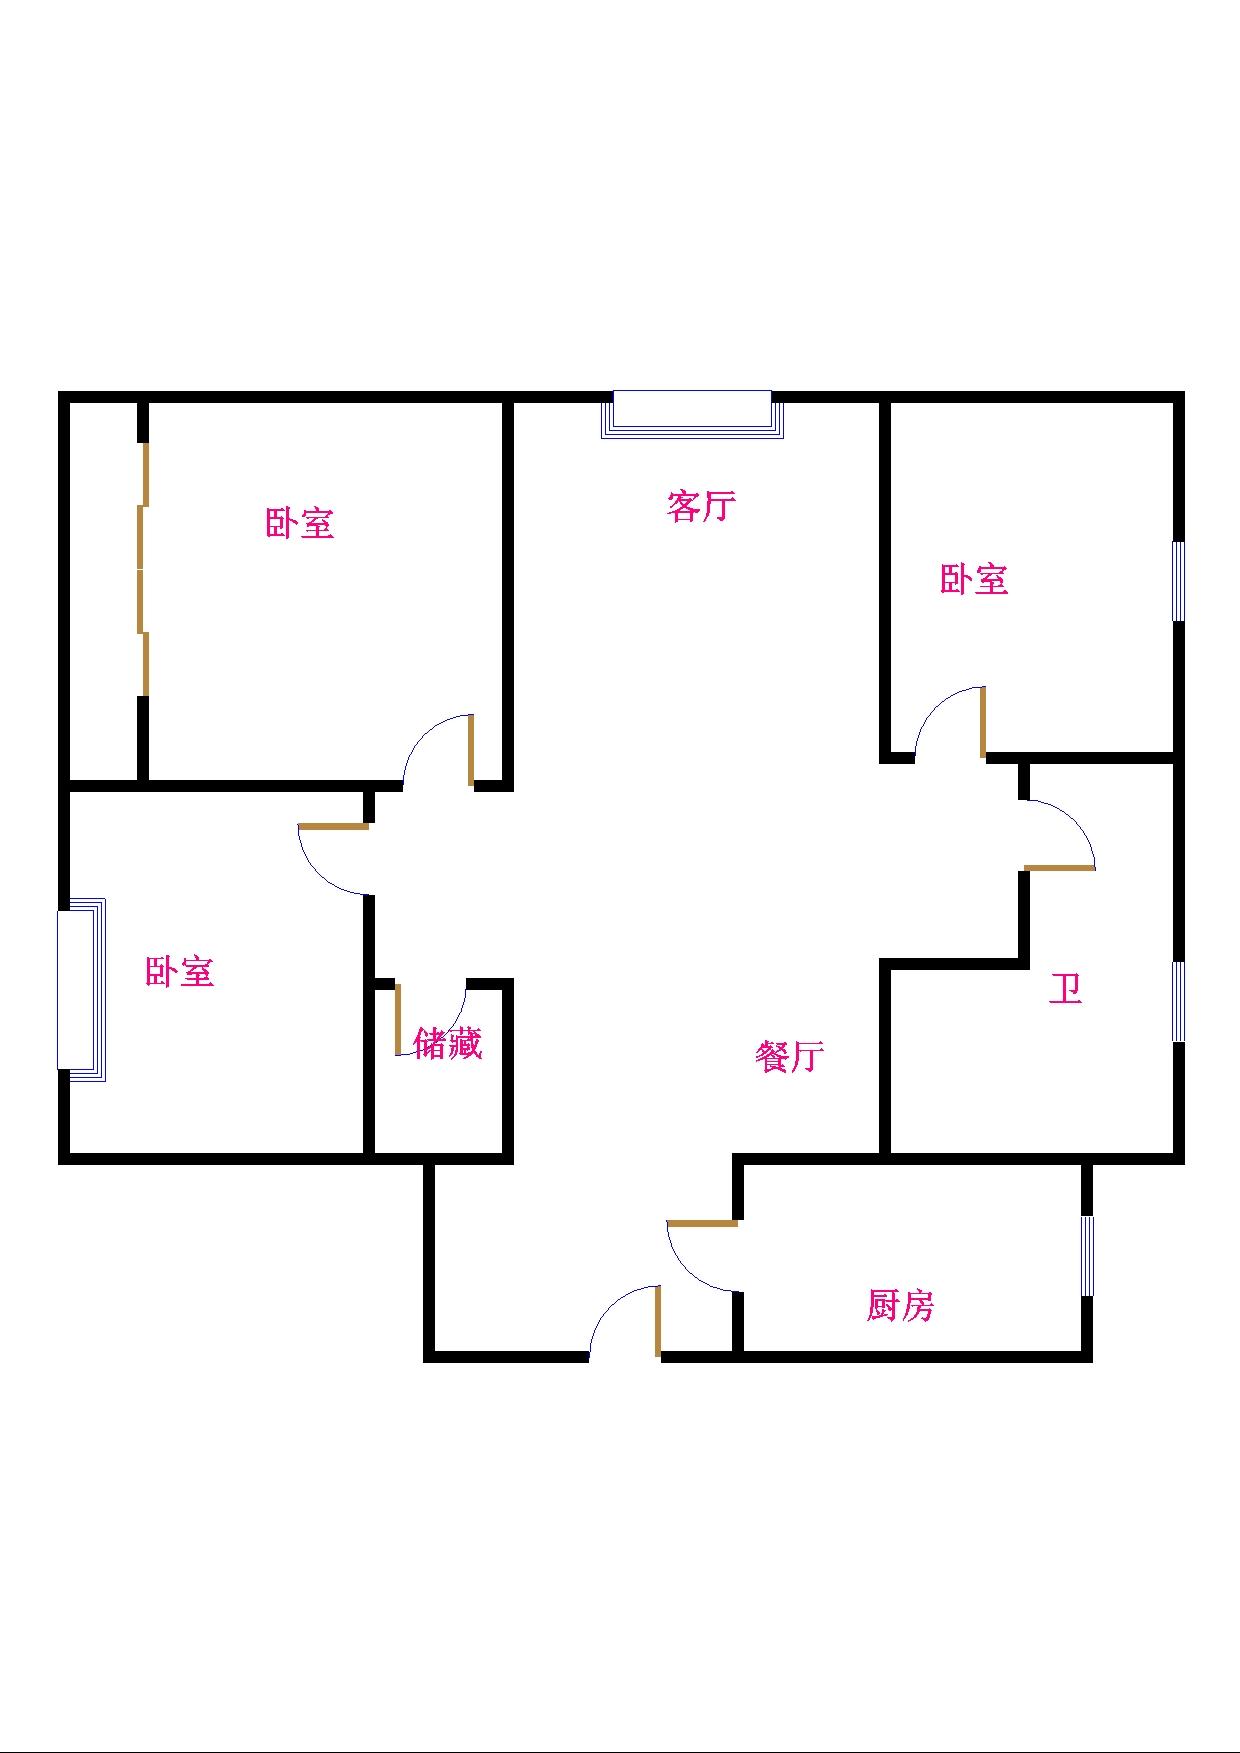 中建华府(欧香丽都) 3室2厅 双证齐全 简装 152万